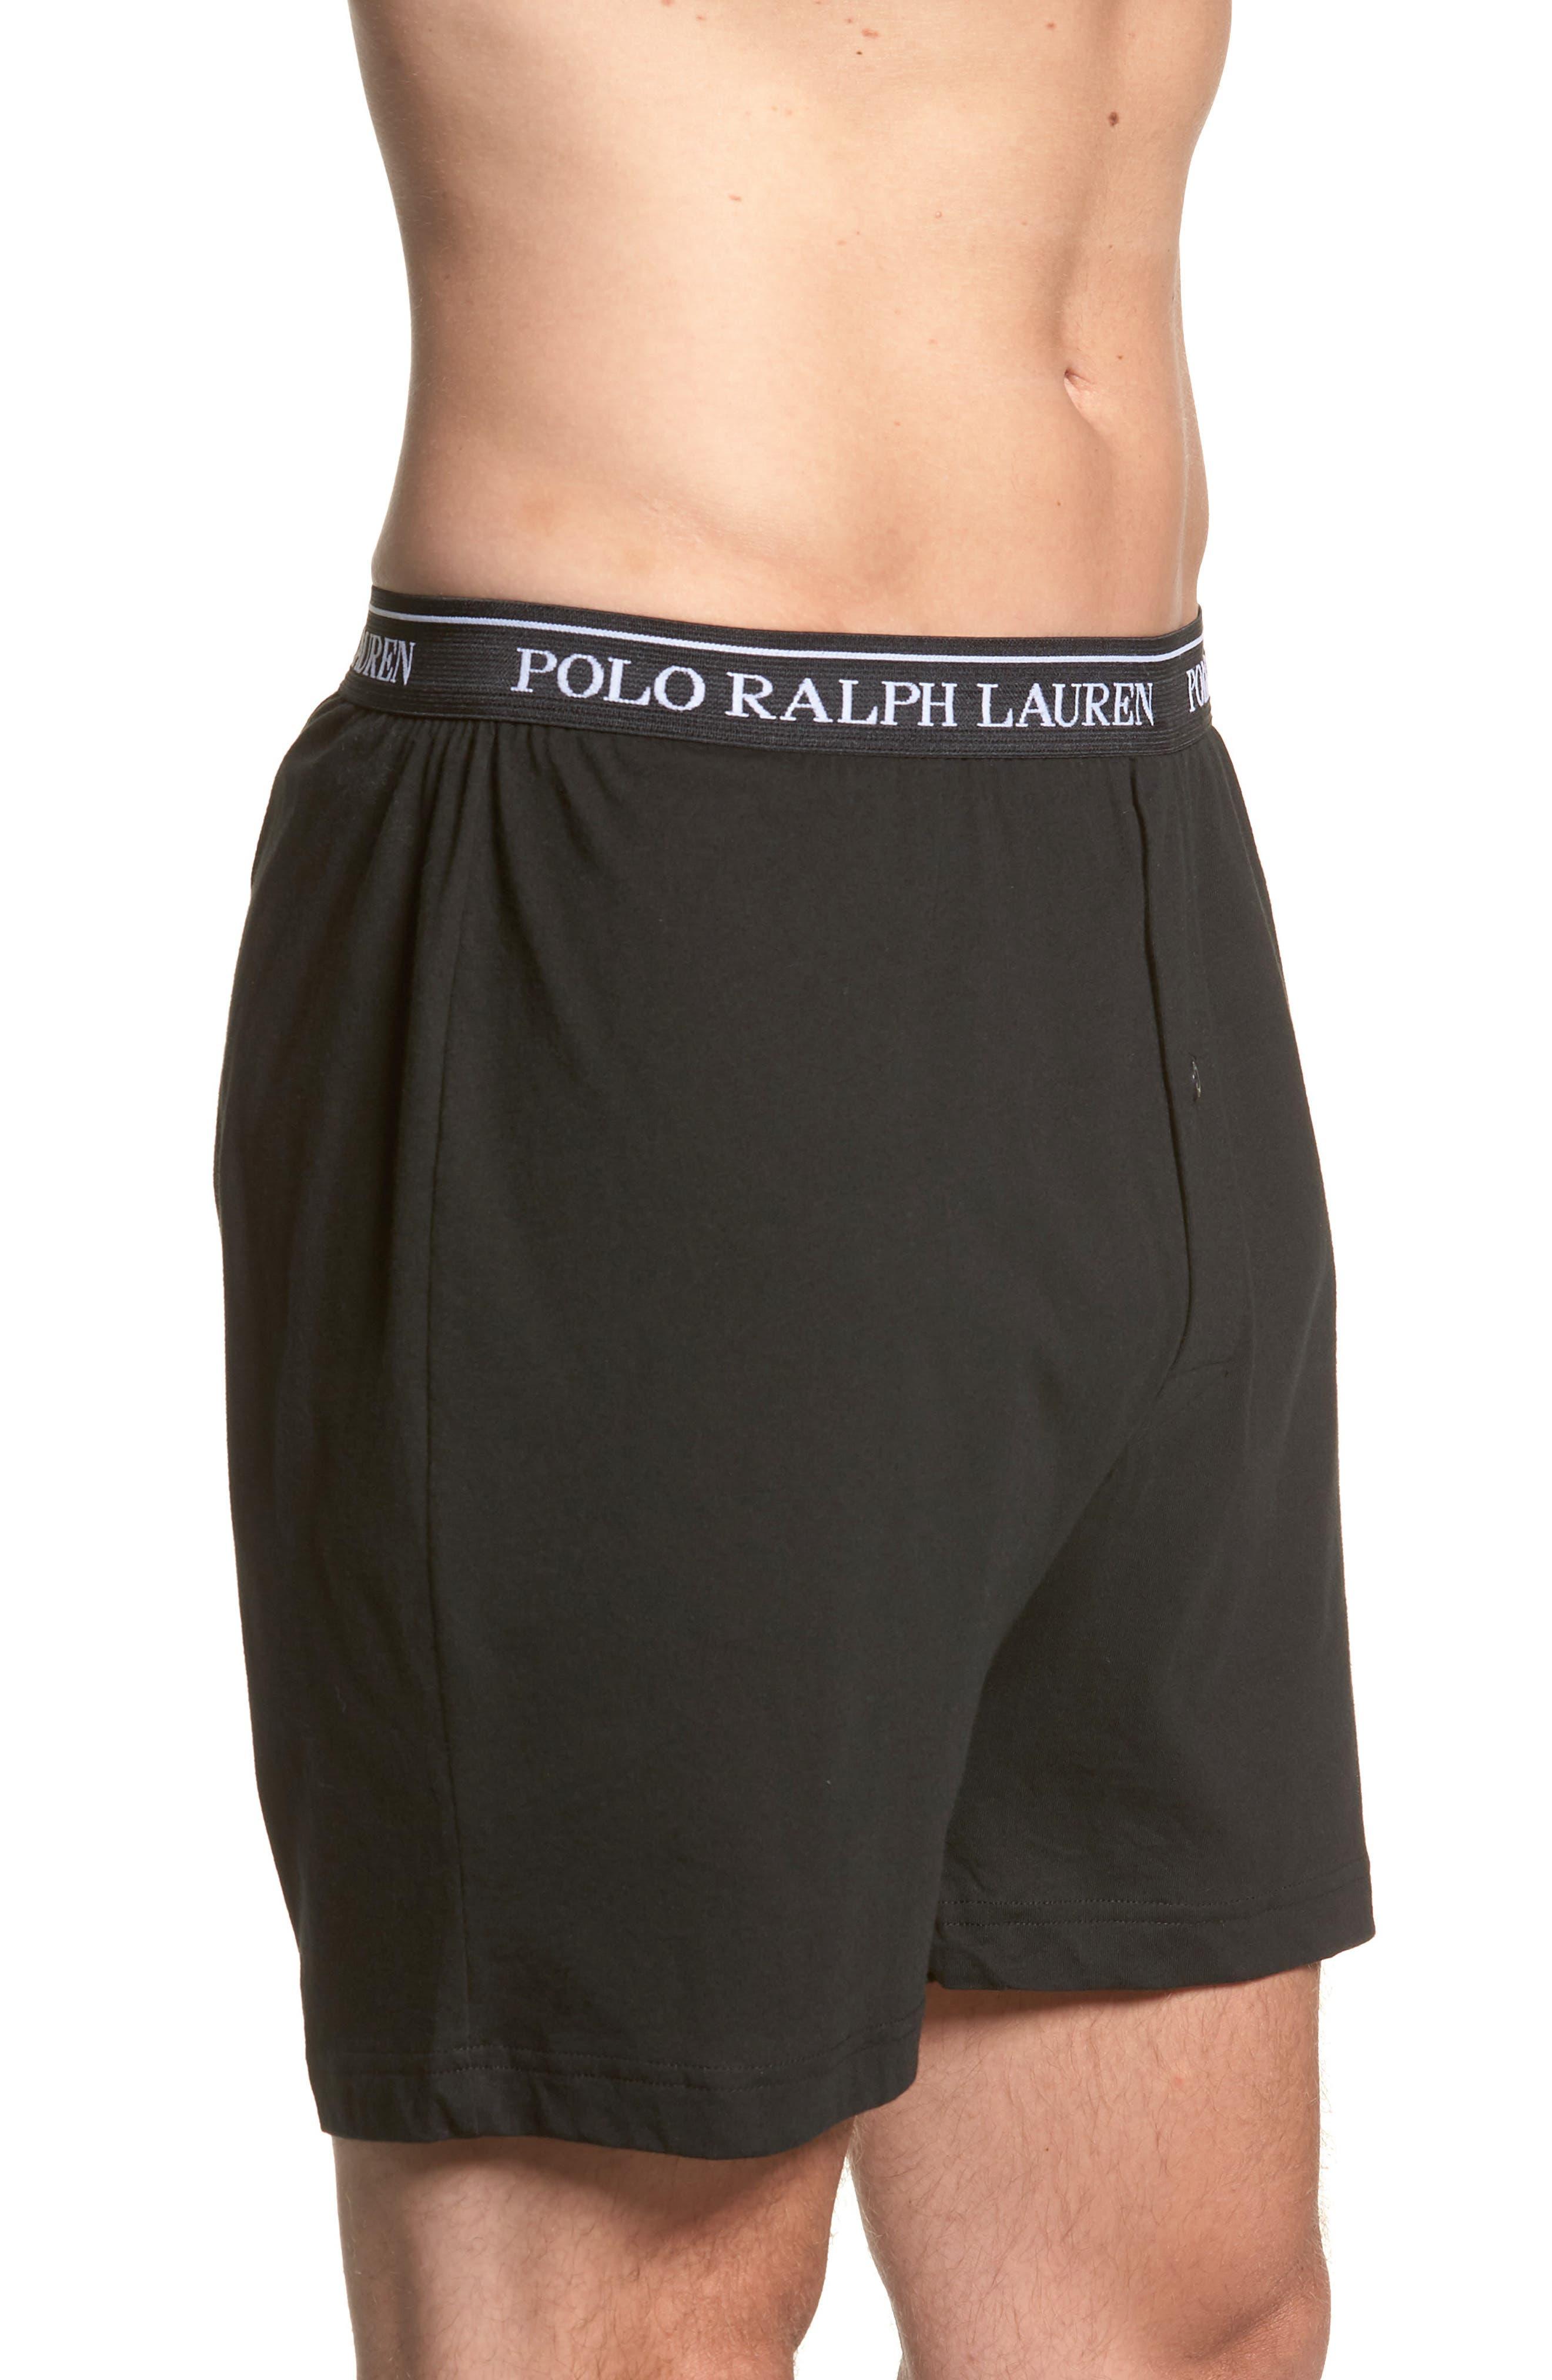 Polo Ralph Lauren 3-Pack Cotton Boxers,                             Alternate thumbnail 4, color,                             POLO BLACK